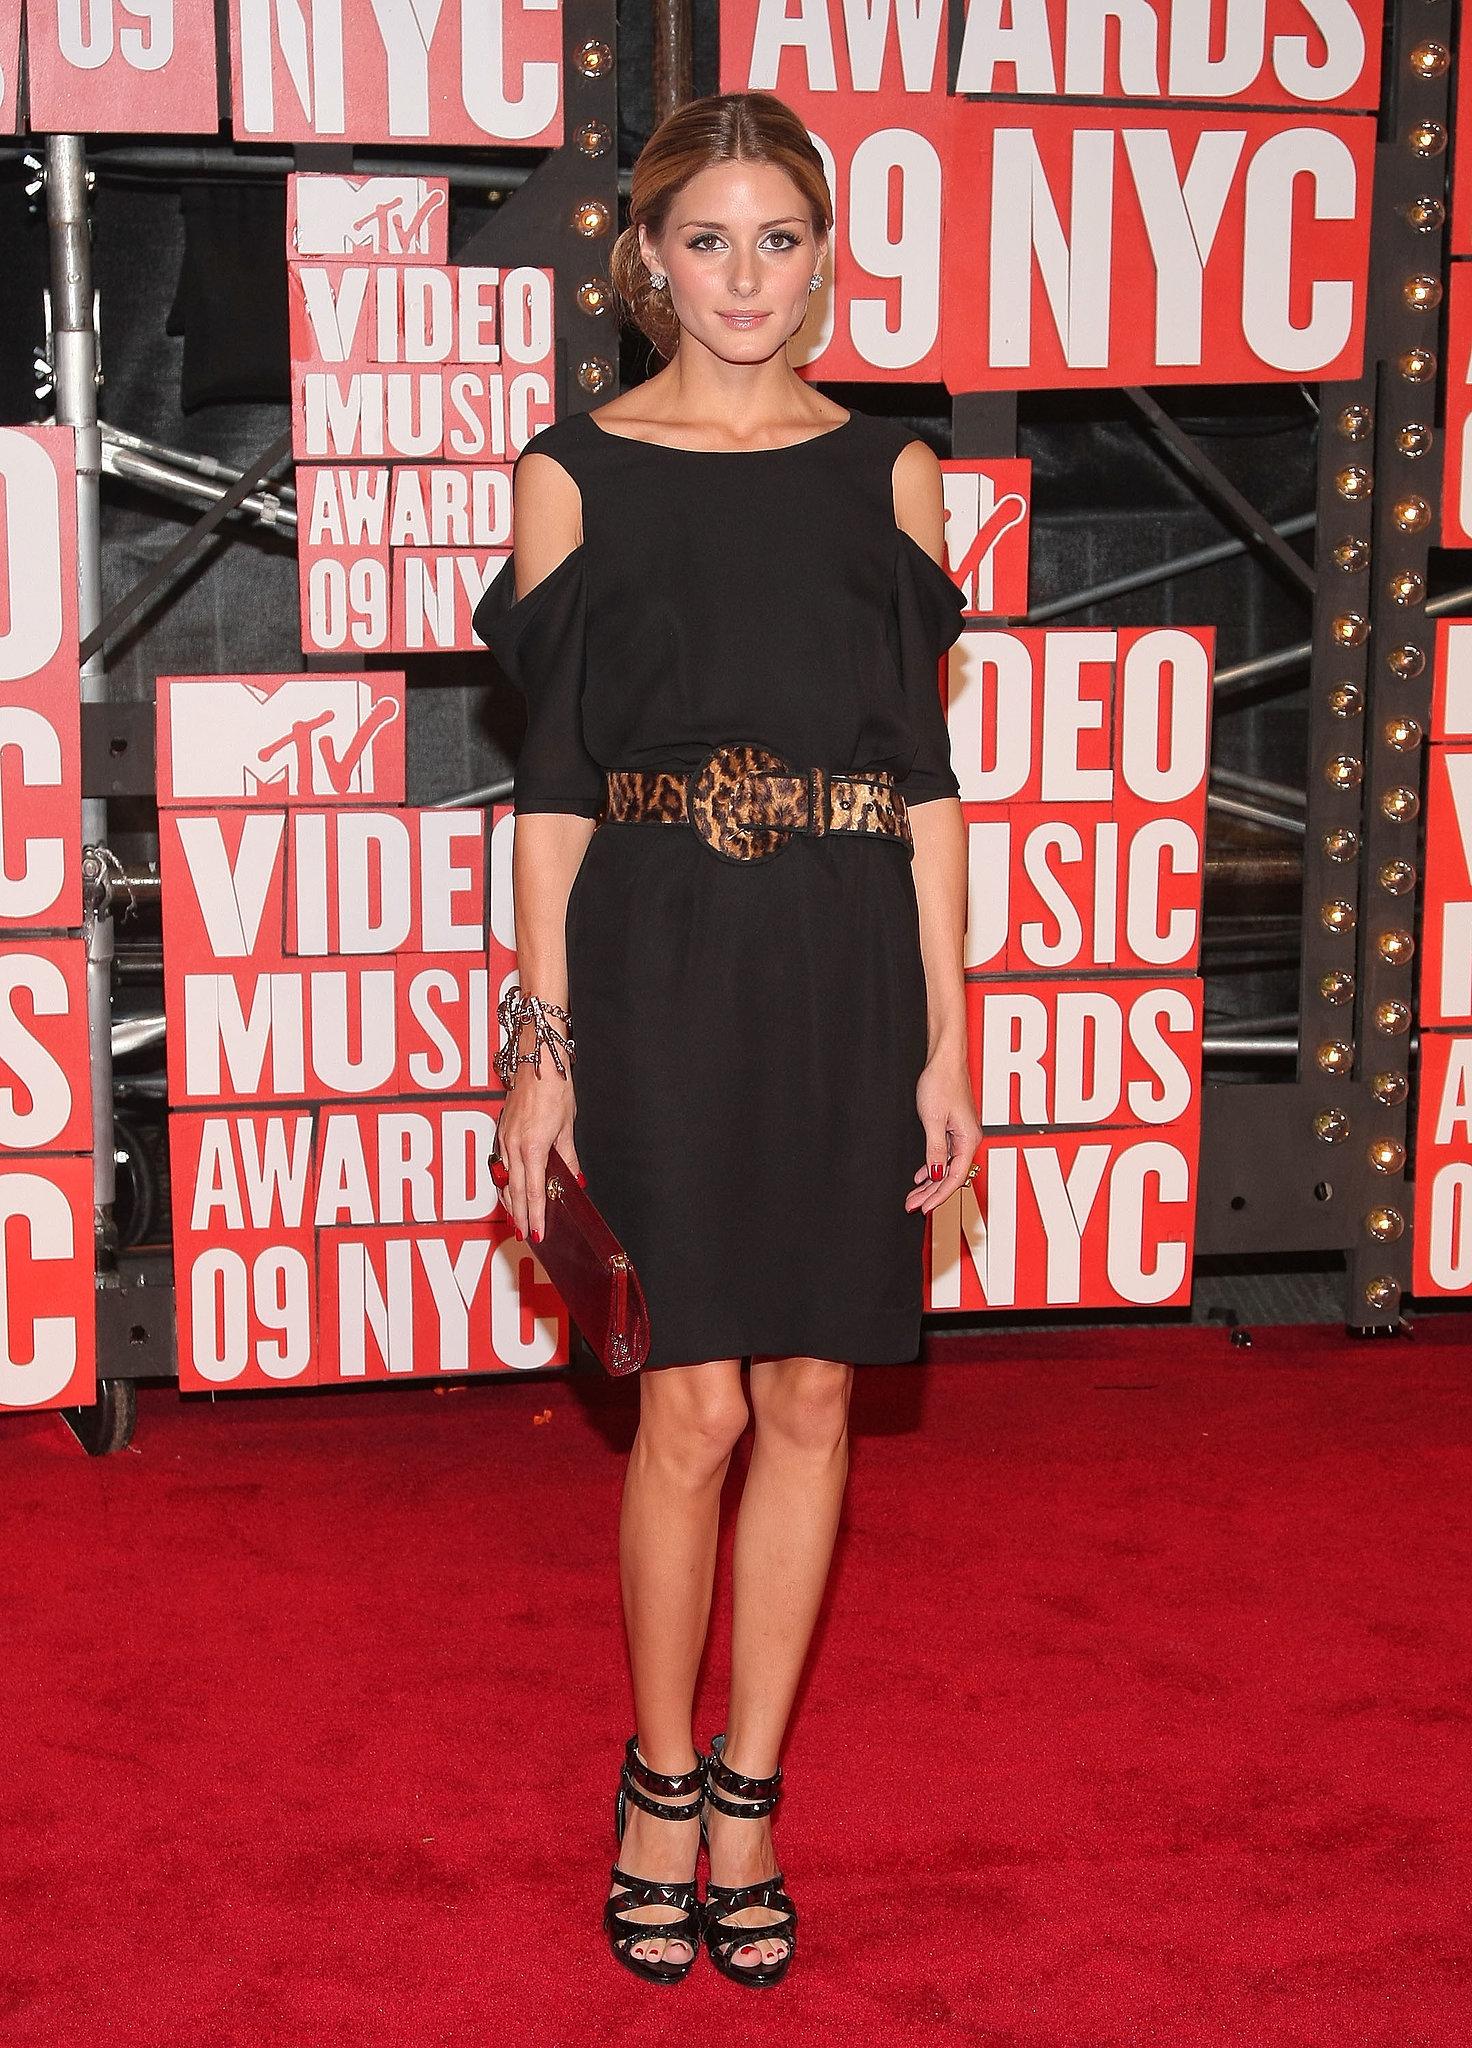 Olivia's LBD got a jolt of sexy via shoulder cutouts and a leopard-print belt at the VMAs in 2009.